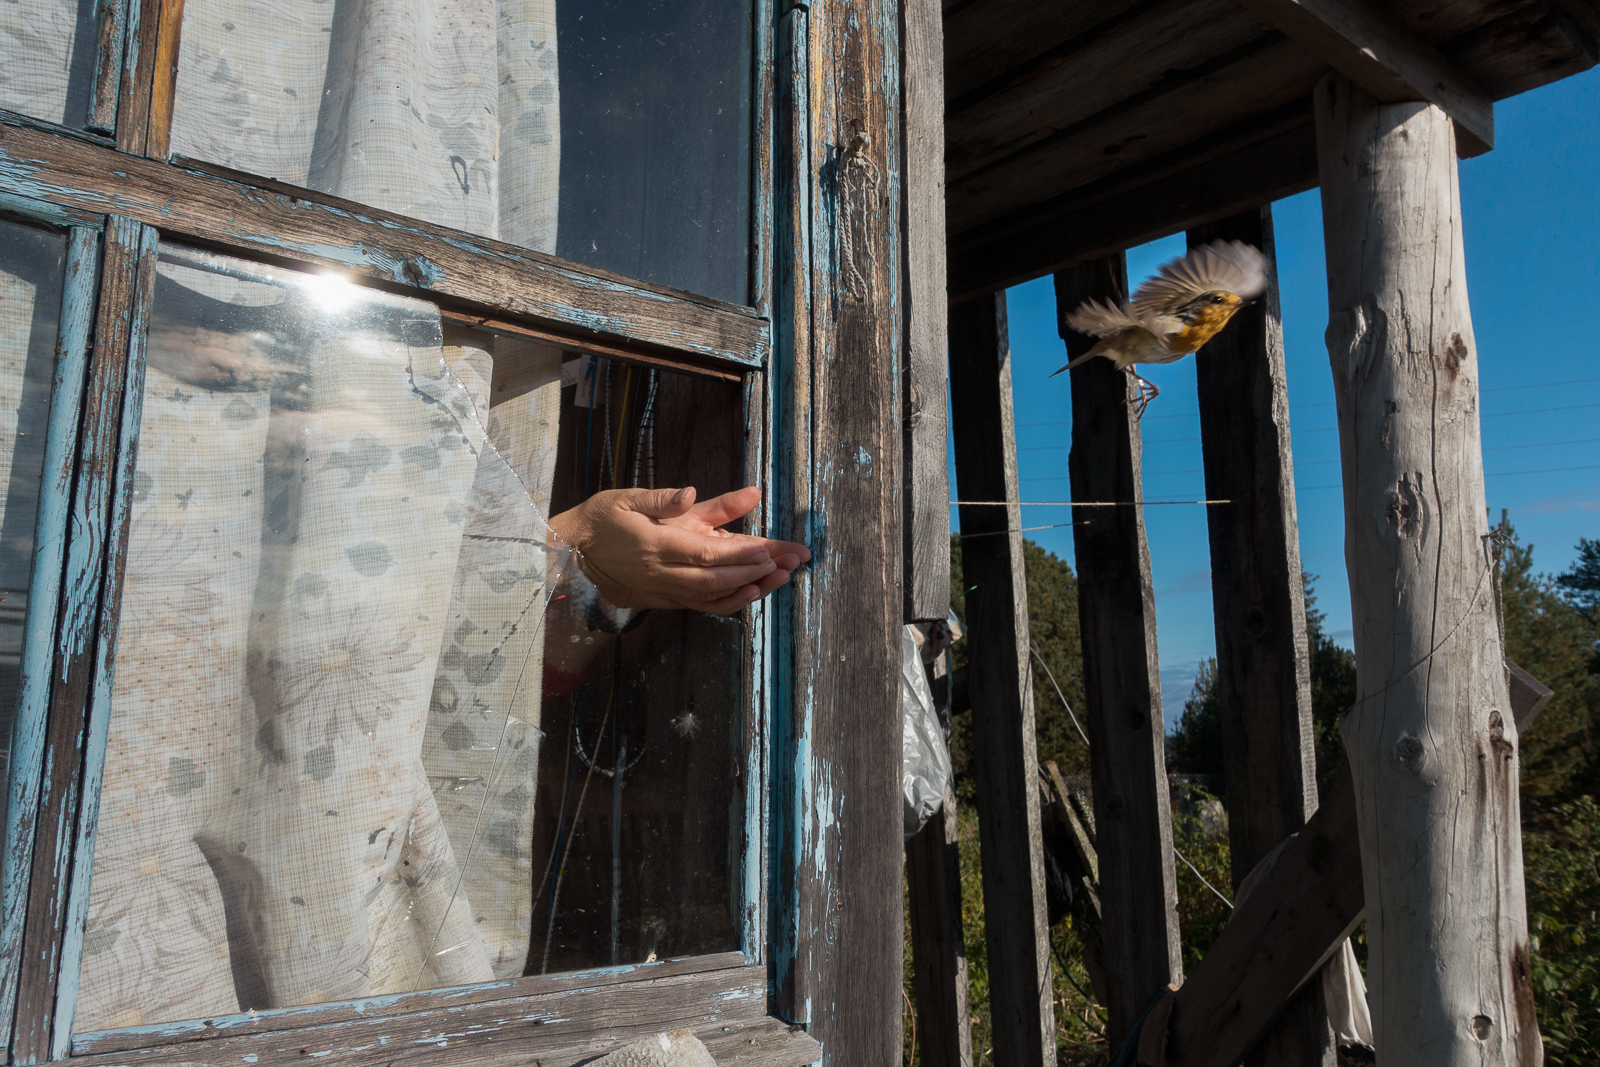 Окольцованная зарянка. Фото Анастасии Павлицкой.